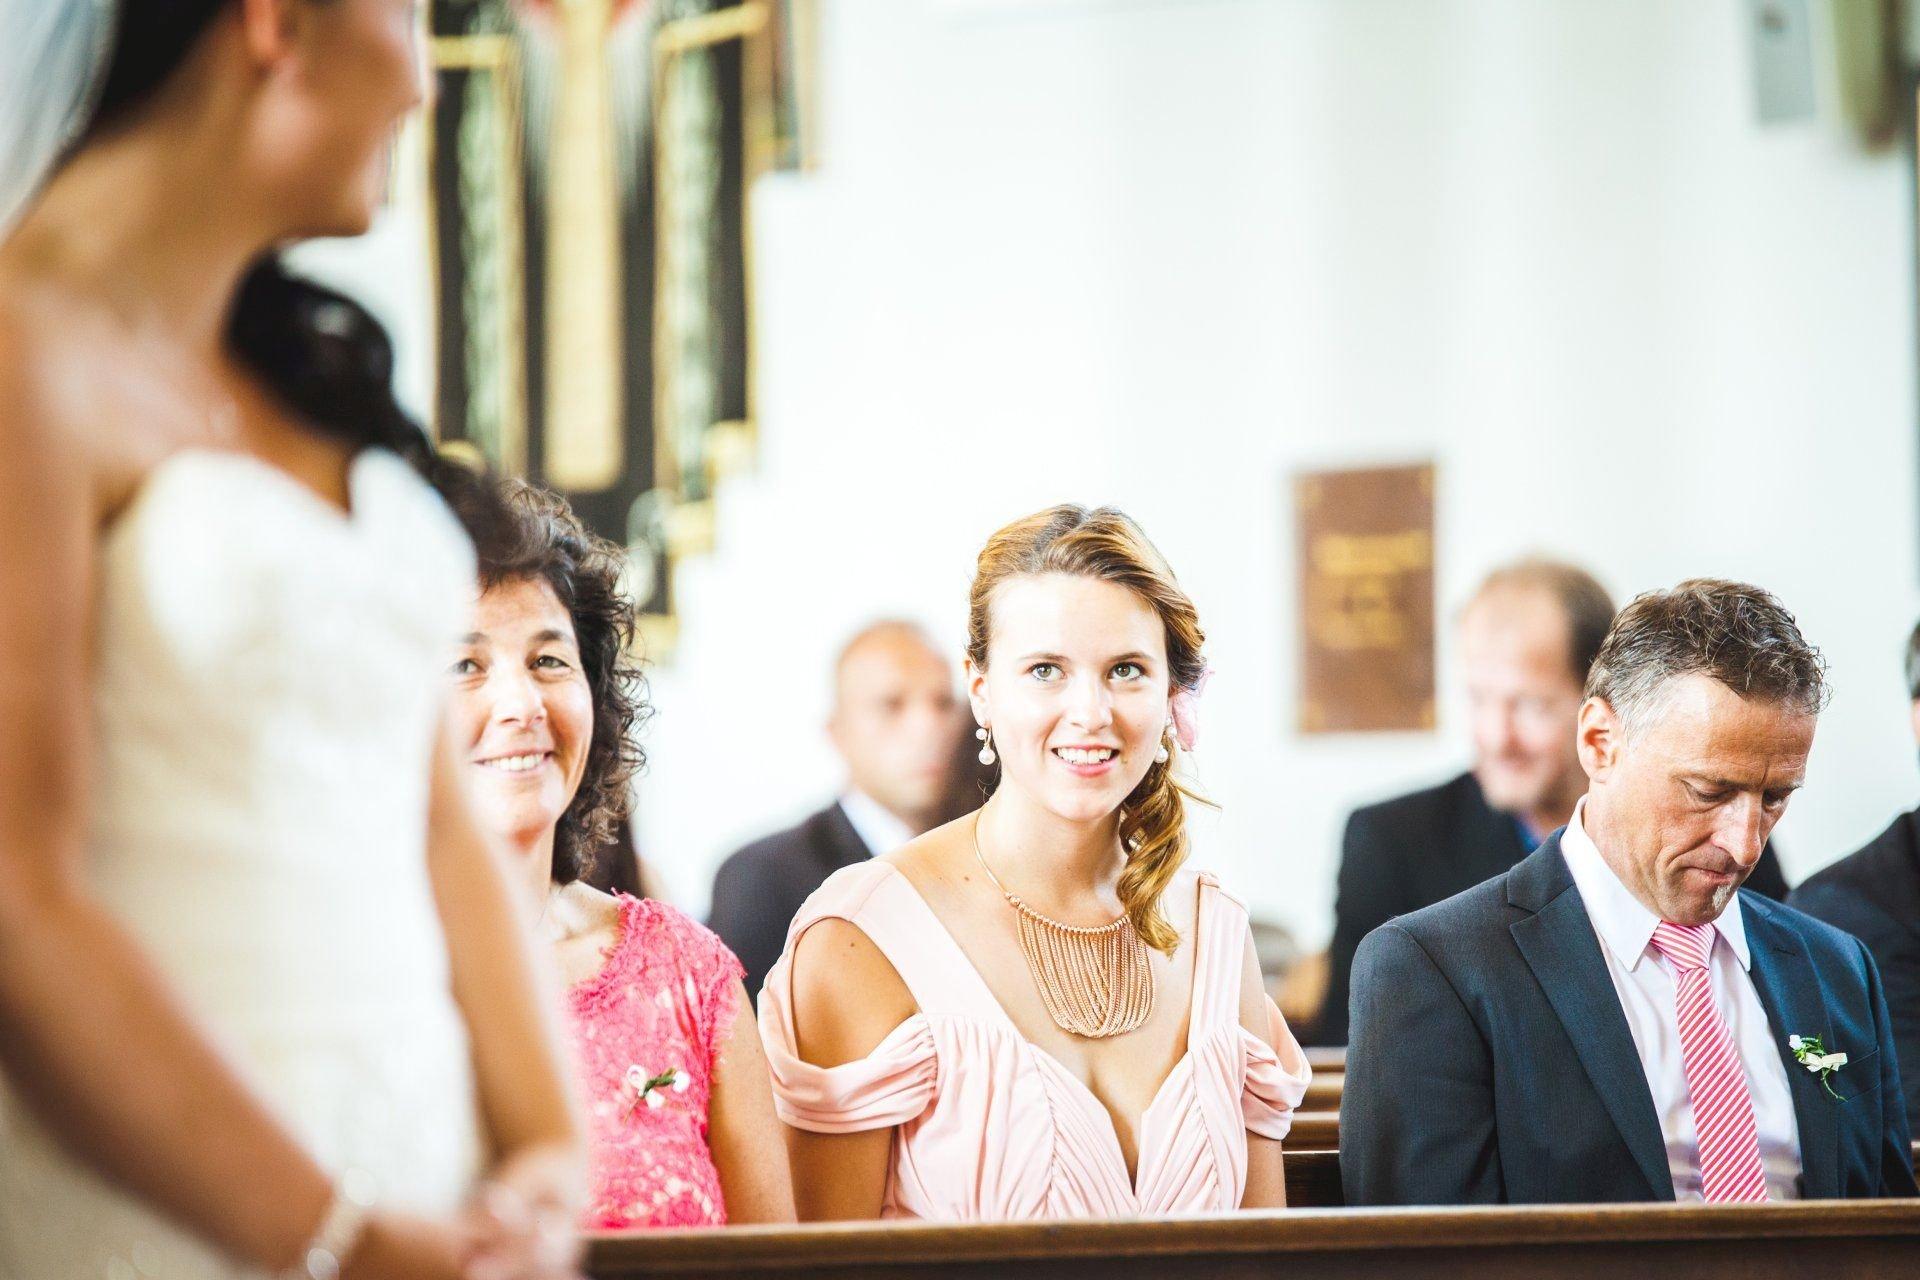 Wie Fotografiere Ich Eine Hochzeit Fotografie Anfanger